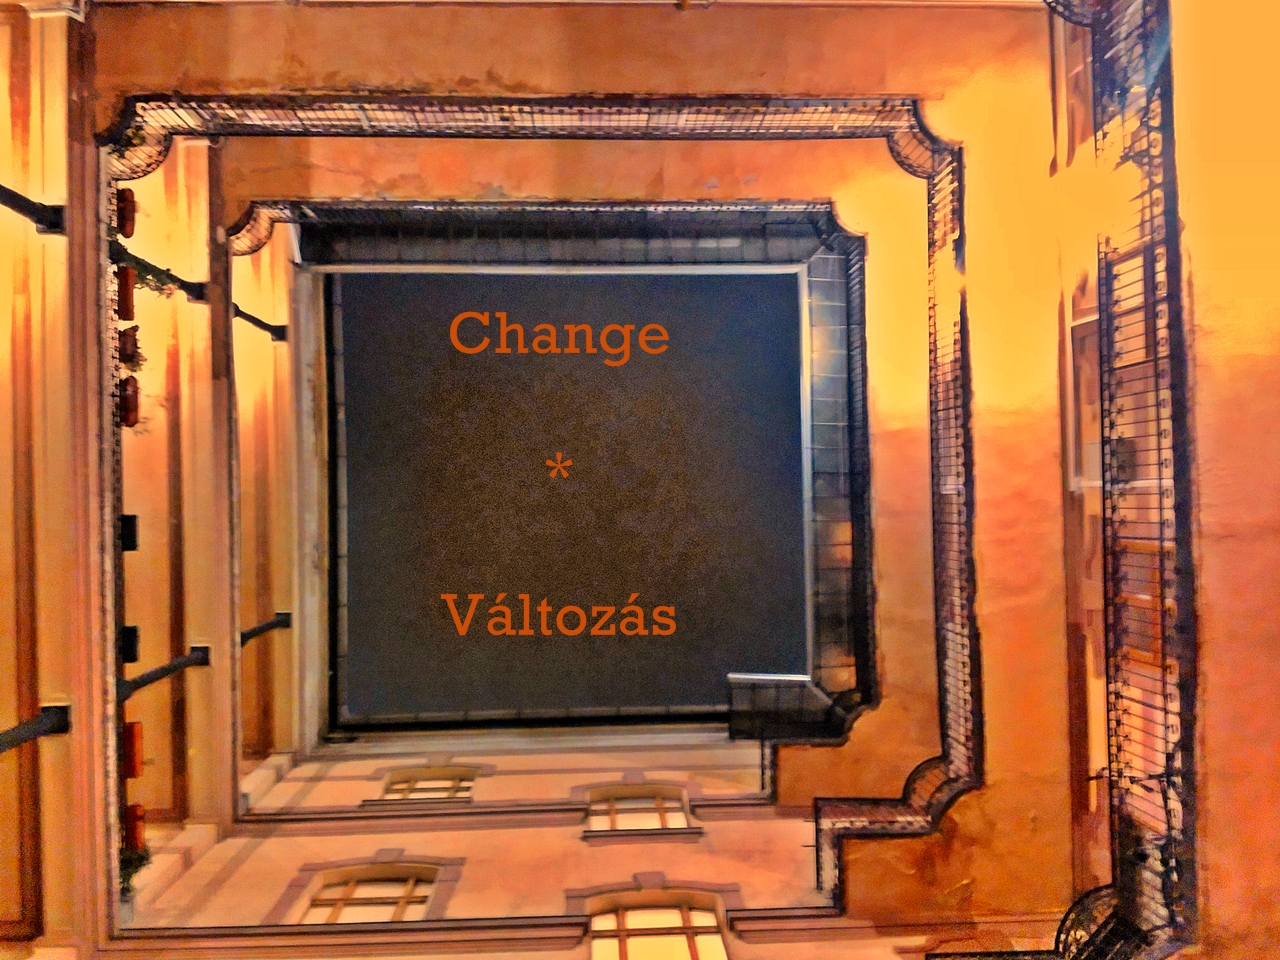 Change - Változás